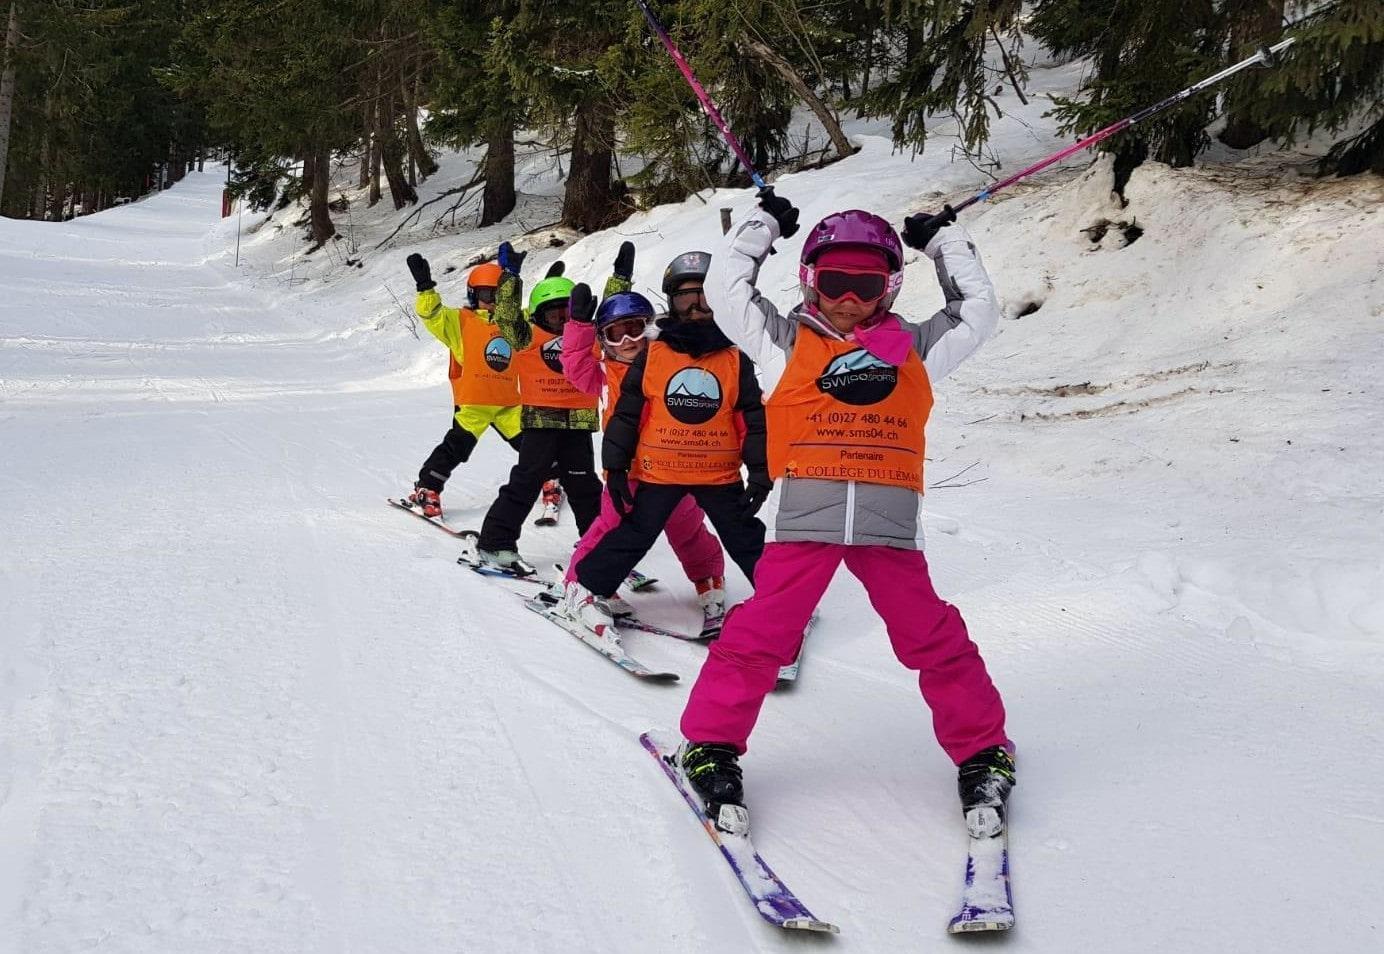 Cours de ski Enfants (6-12 ans) - Max 5 - Crans